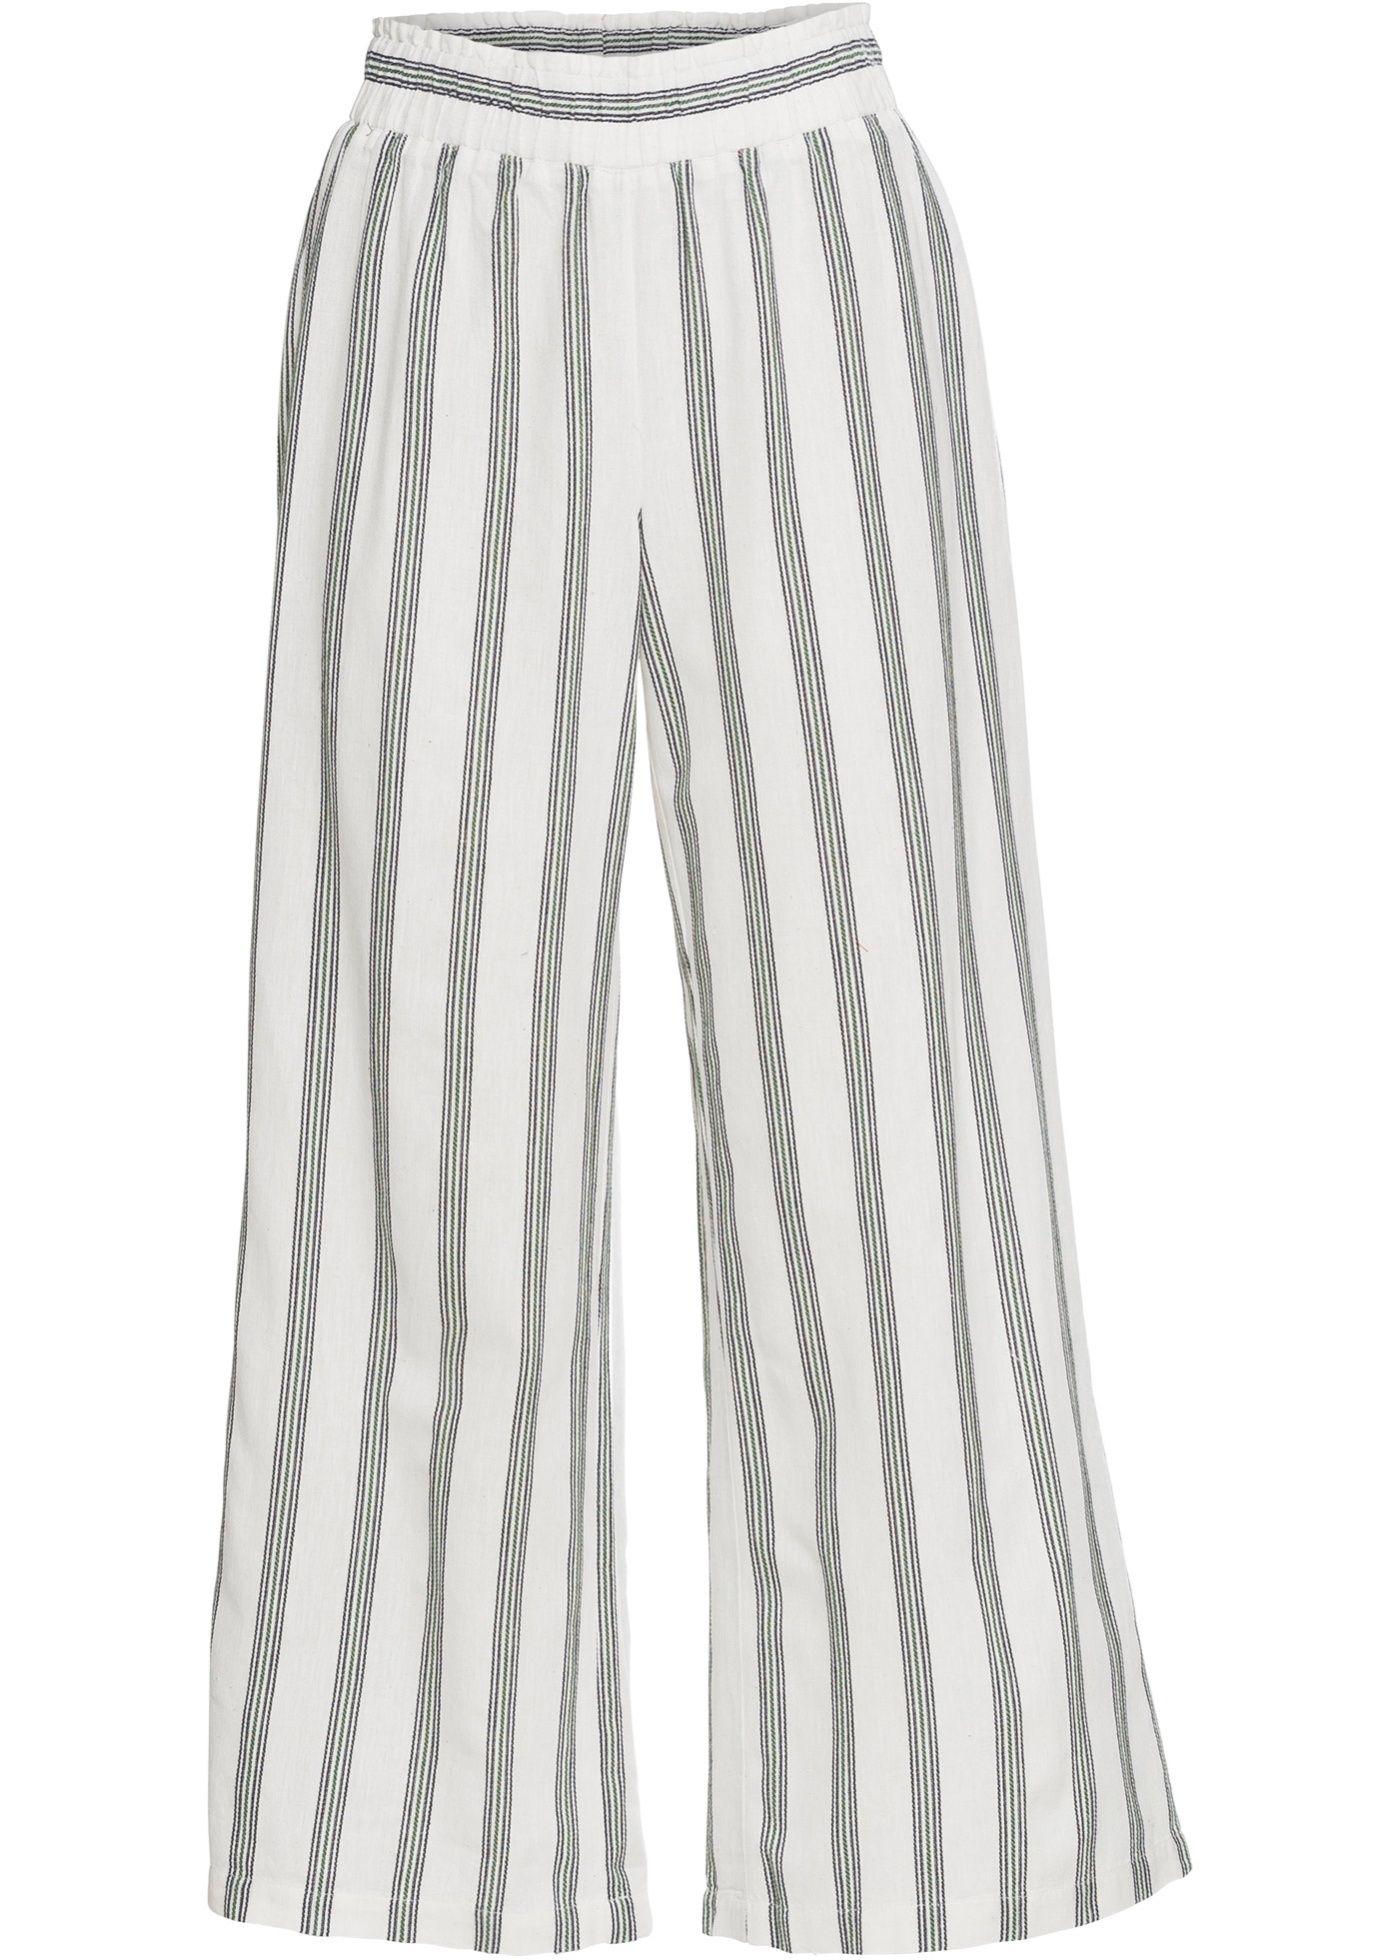 Hose Mit Streifen Gestreifte Hose Outfit Und Hosen